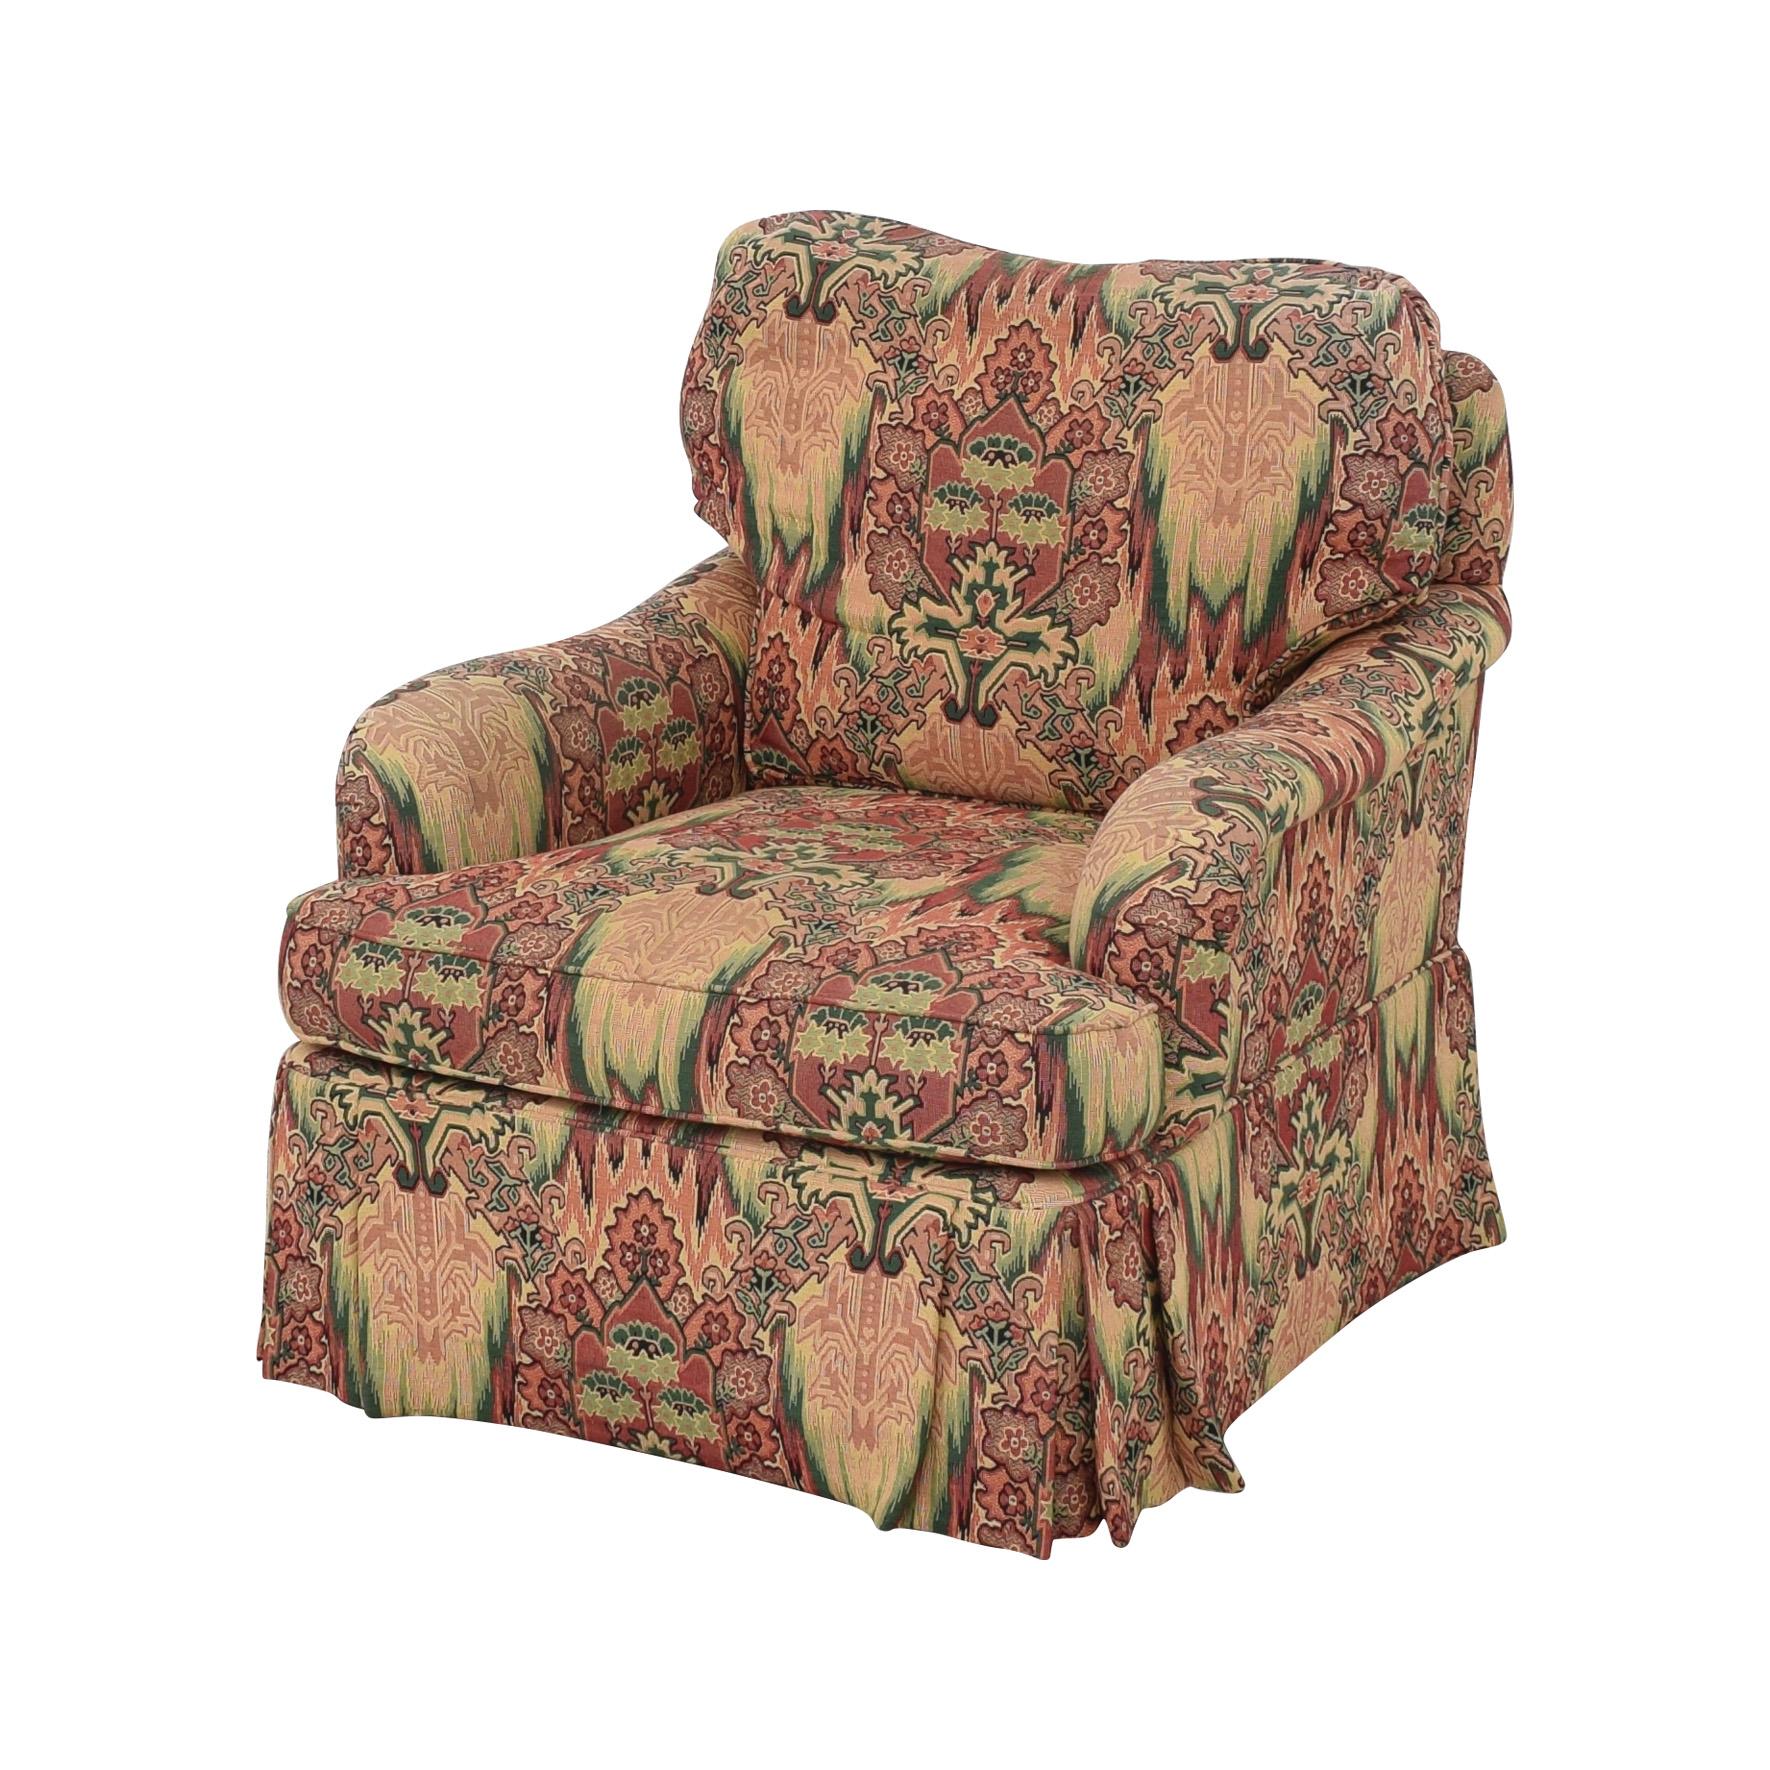 Pearson Pearson Fabric Accent Chair dimensions